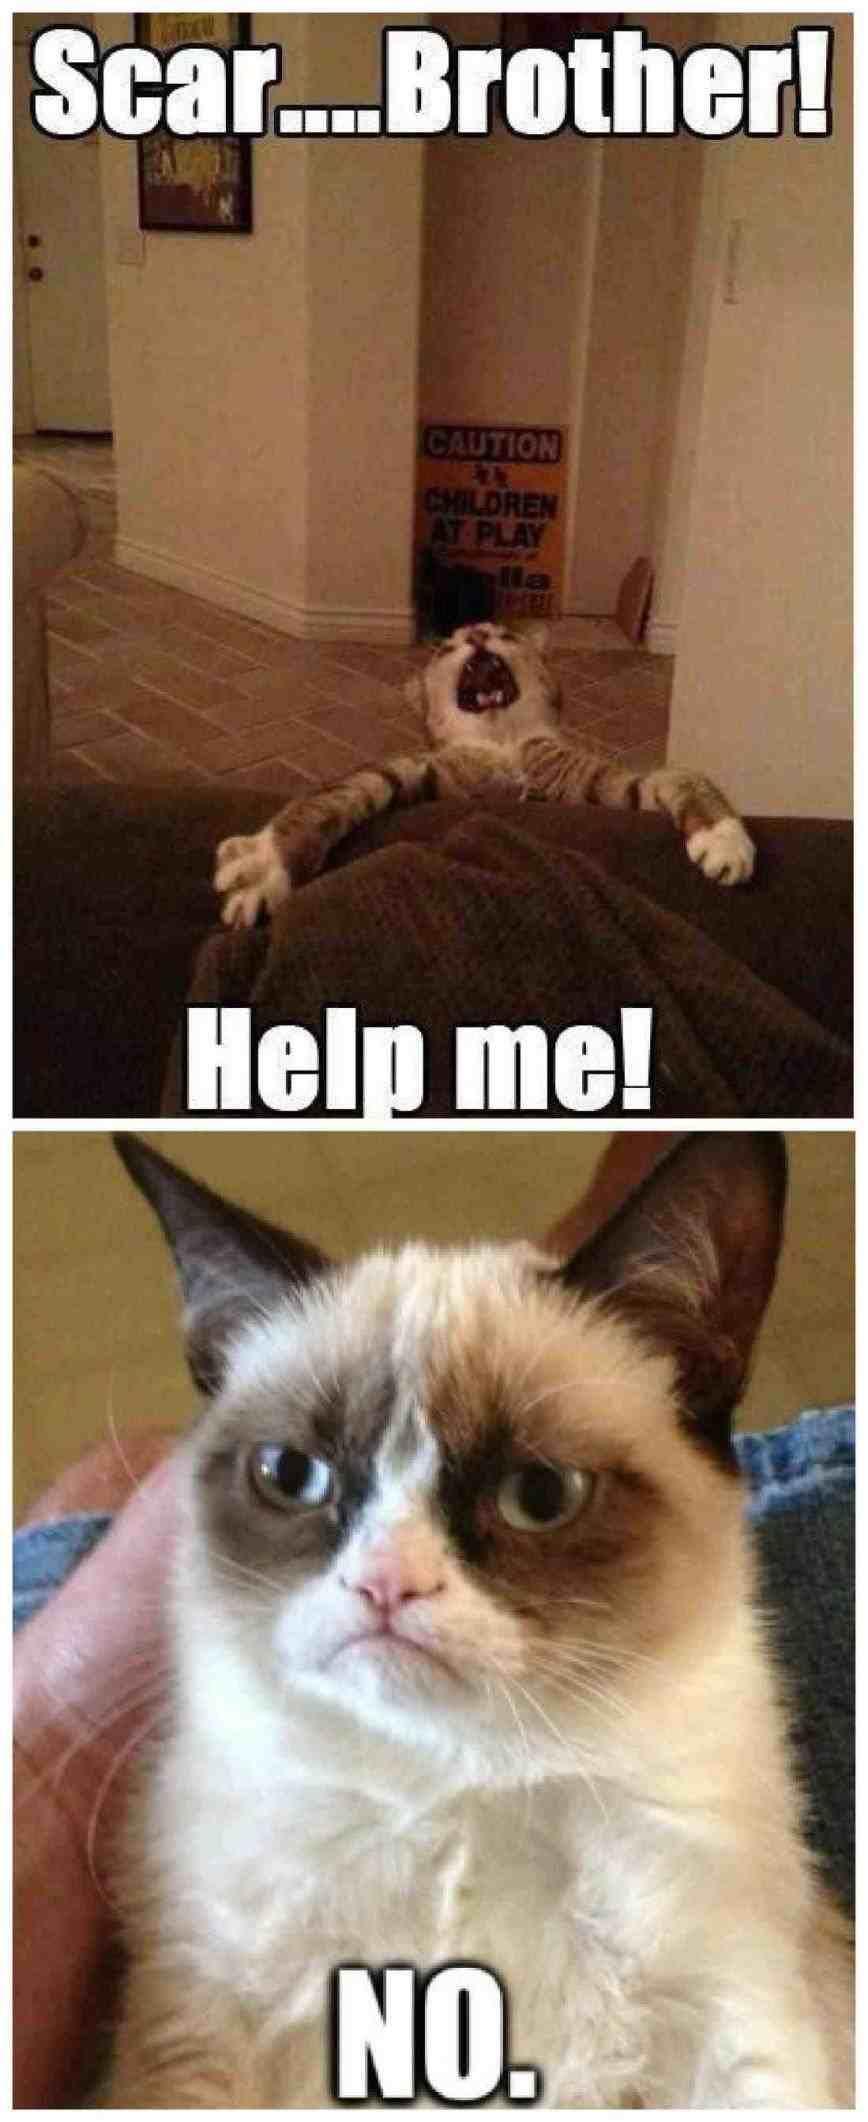 Funny Grumpy Cat Christmas Memes.Grumpy Cat Christmas Song Meme Cuteness Funny Grumpy Cat